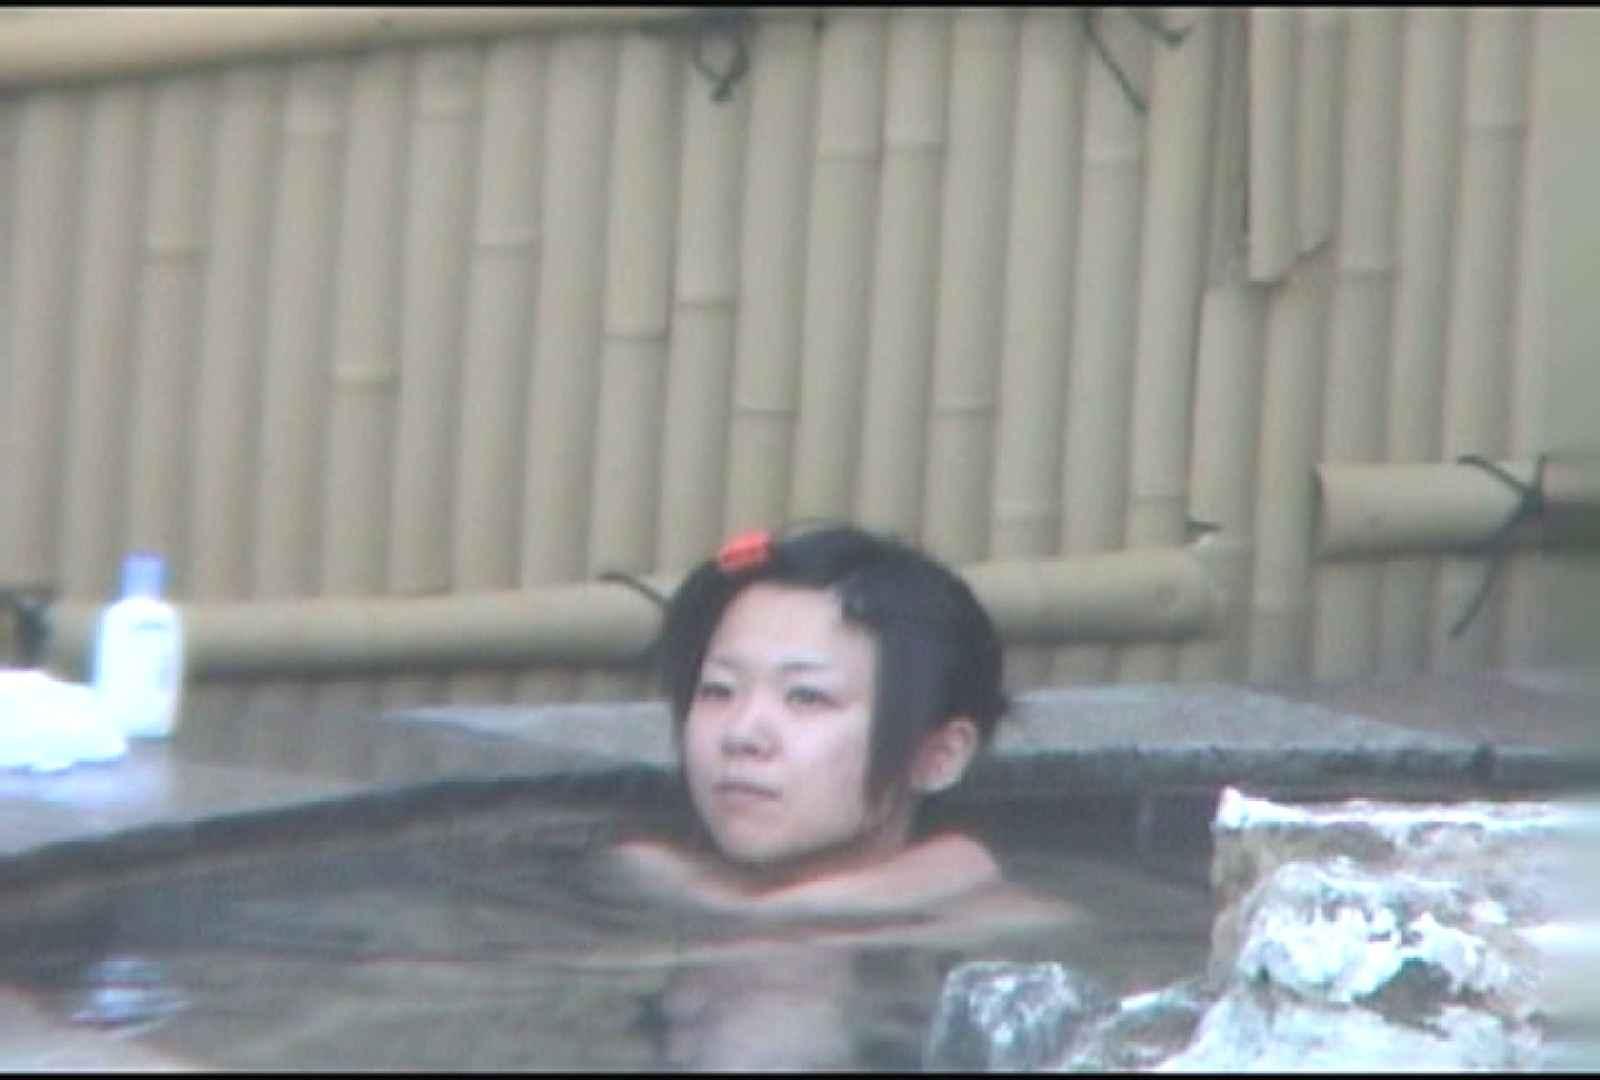 Aquaな露天風呂Vol.175 盗撮シリーズ  91PIX 24